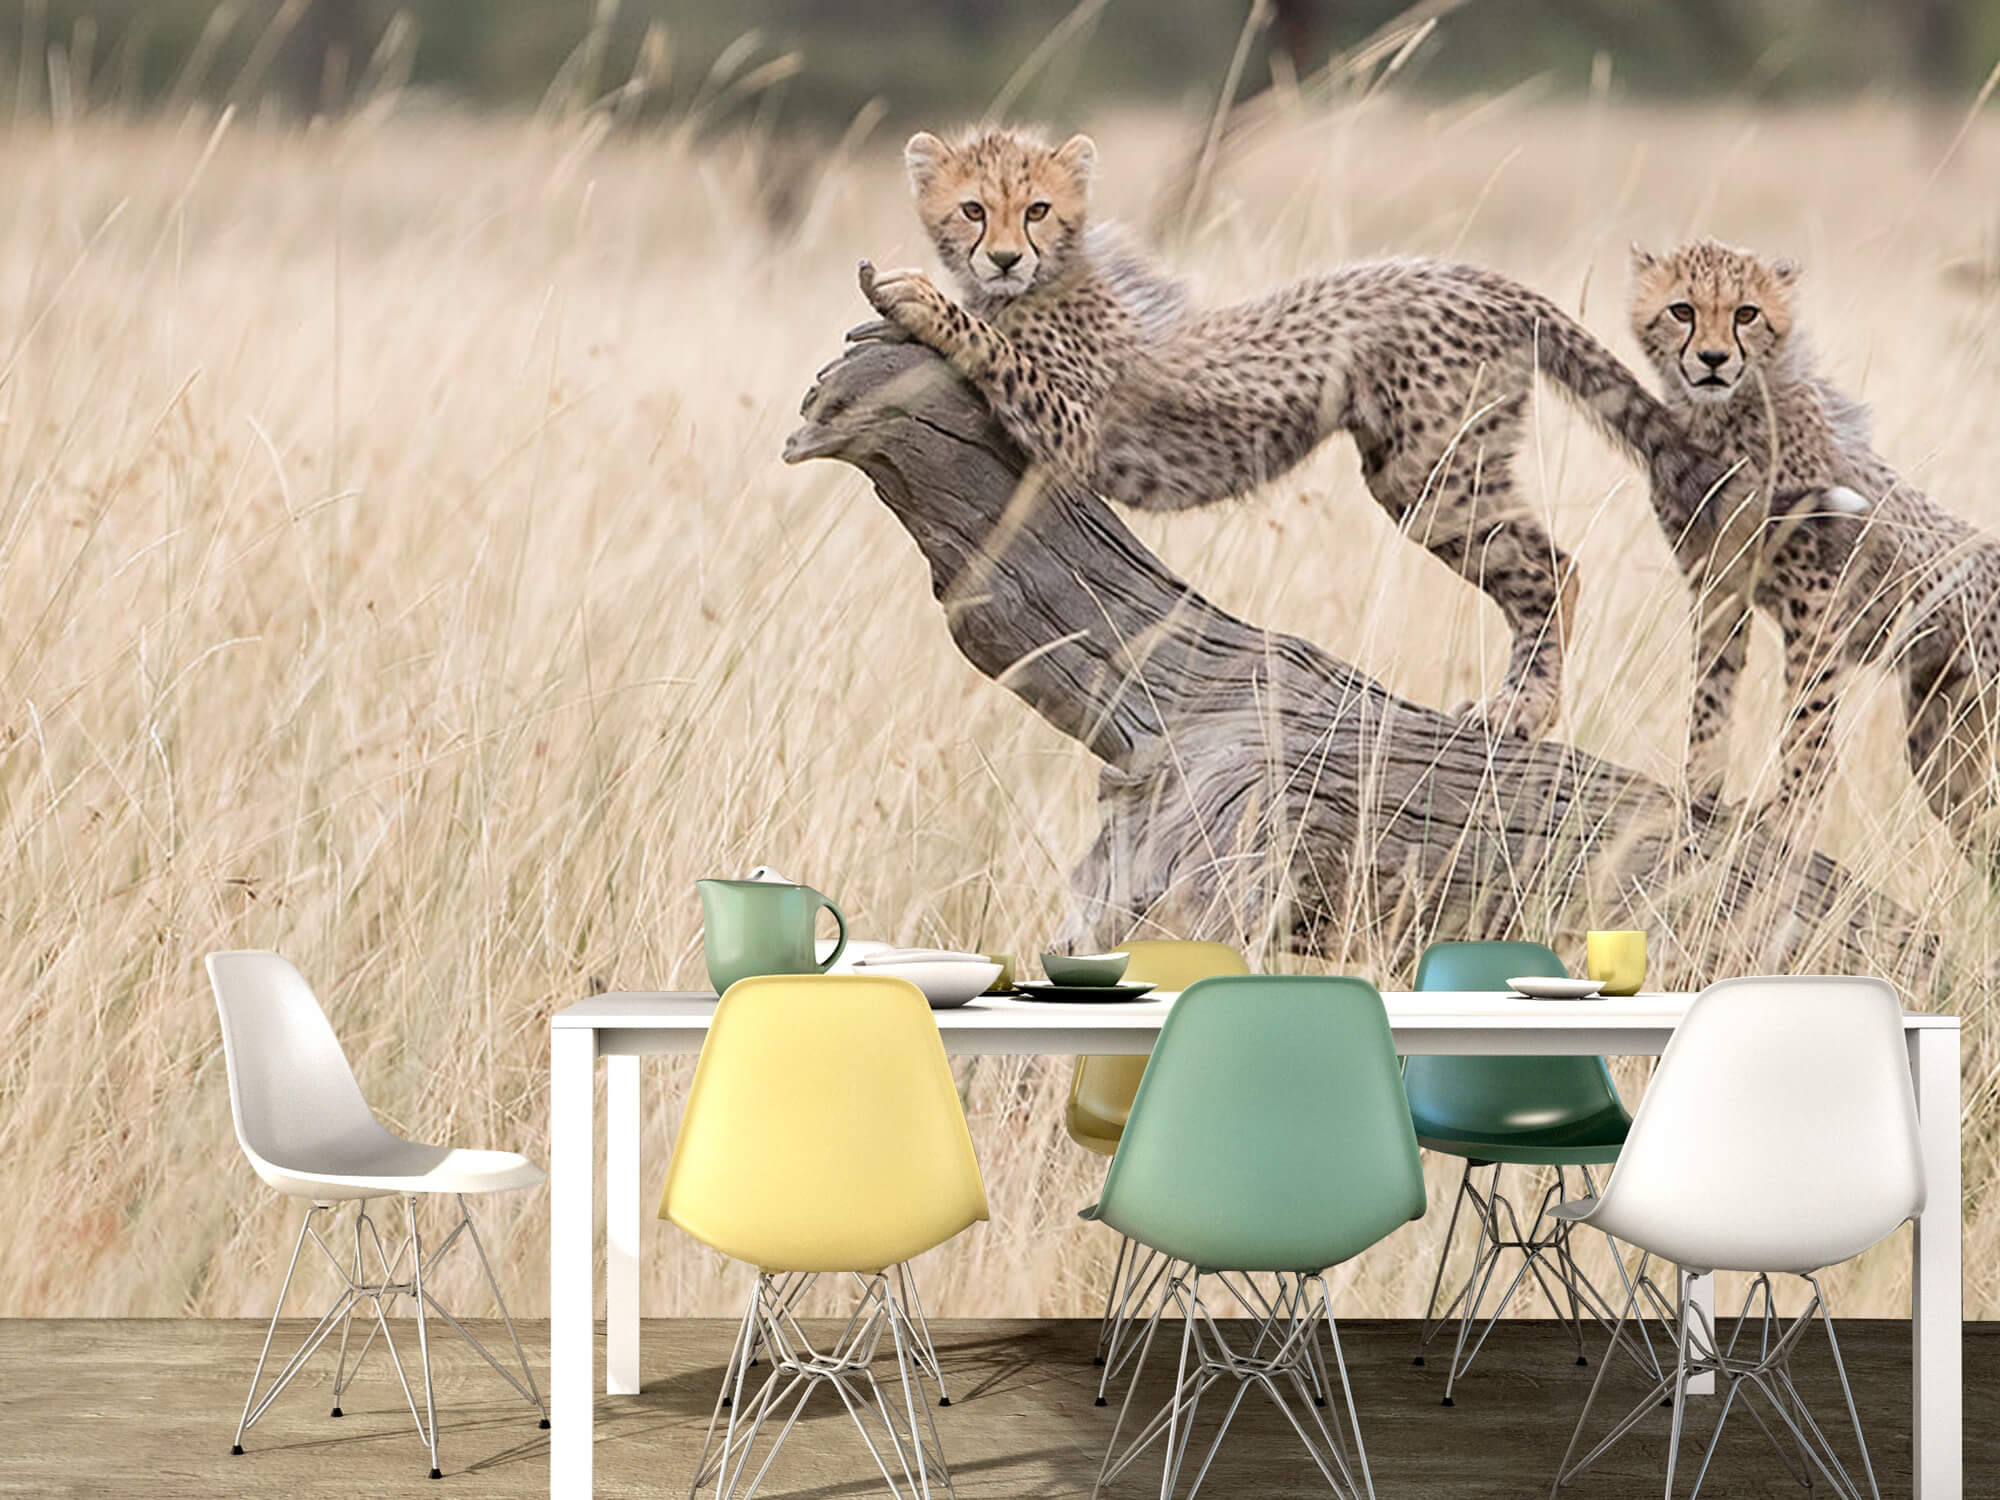 Curious Kitties 13